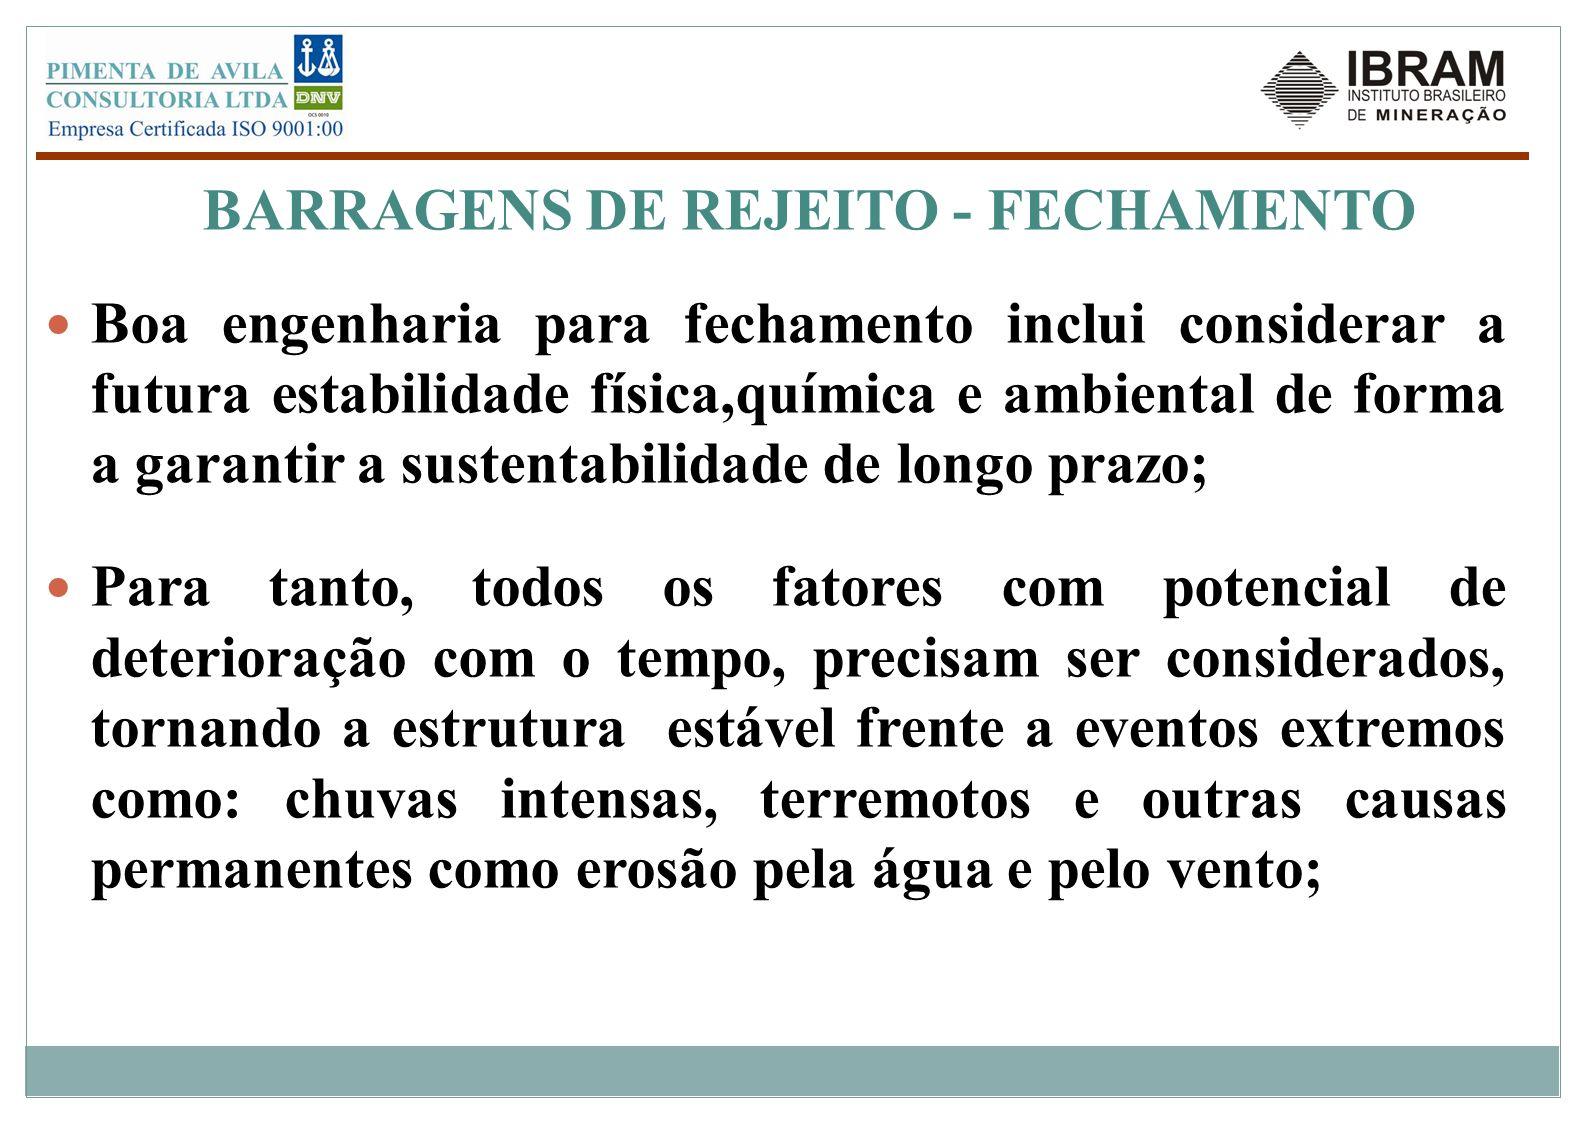 BARRAGENS DE REJEITO - FECHAMENTO Boa engenharia para fechamento inclui considerar a futura estabilidade física,química e ambiental de forma a garanti